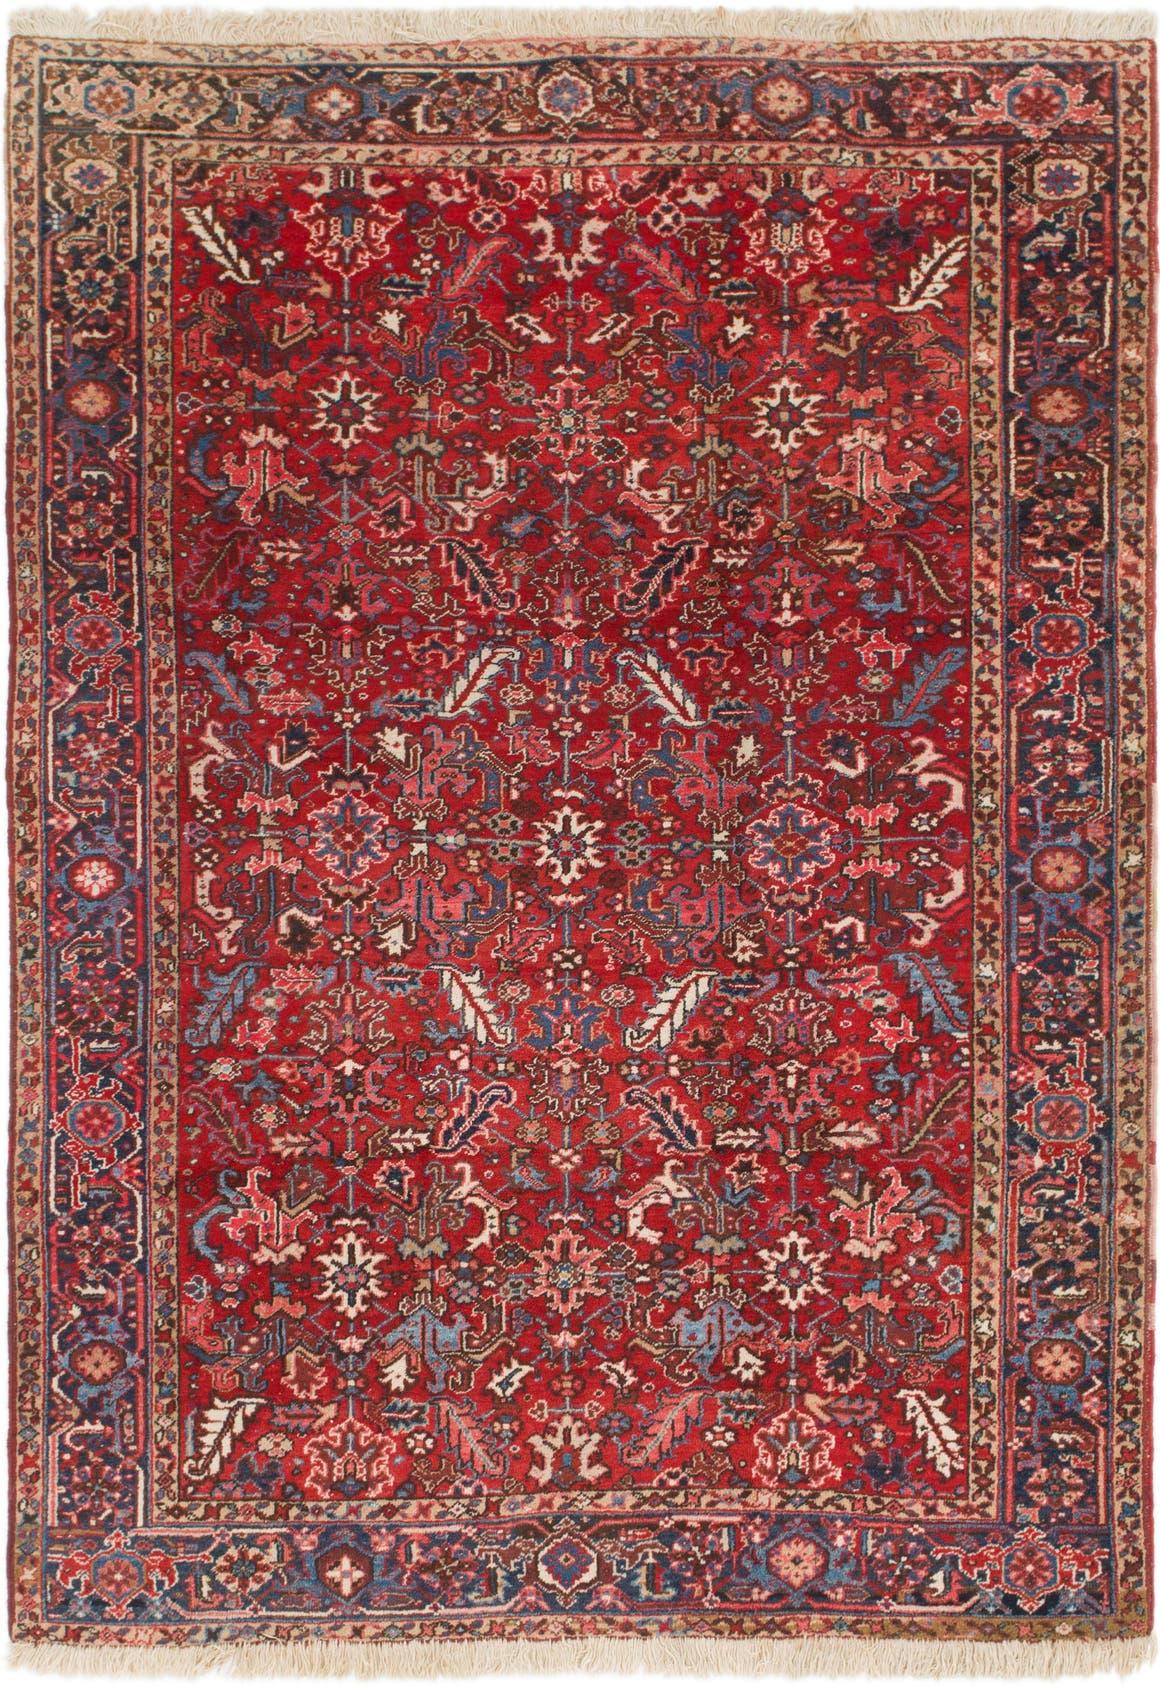 7' 7 x 10' 5 Heriz Persian Rug main image